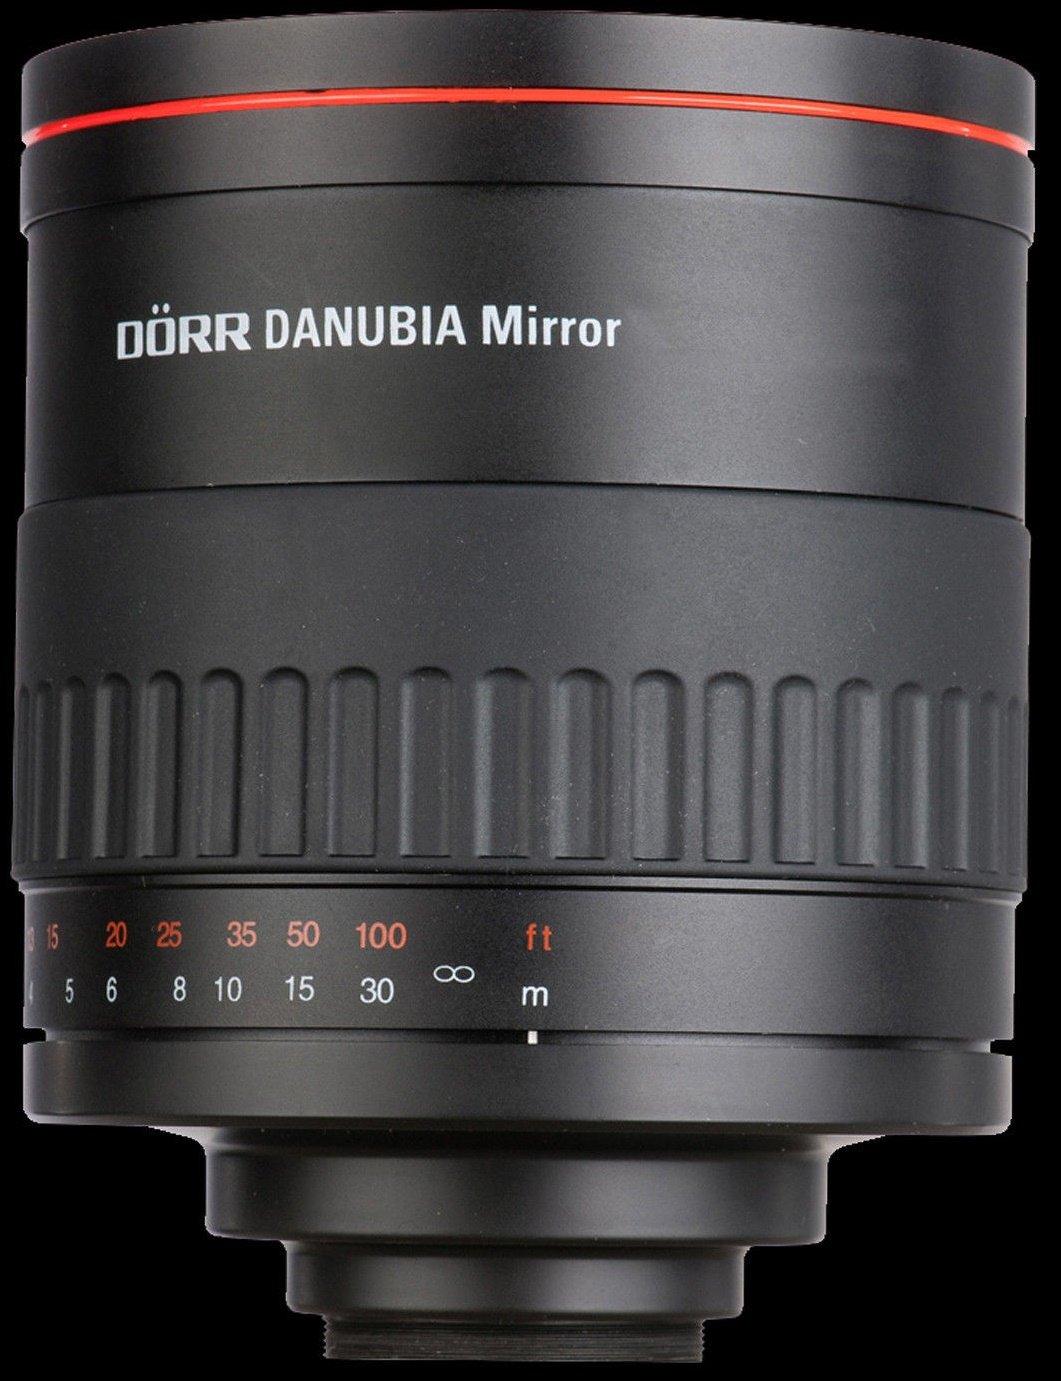 DORR DANUBIA 500 mm f/6,3 Mirror MC pro Canon EOS